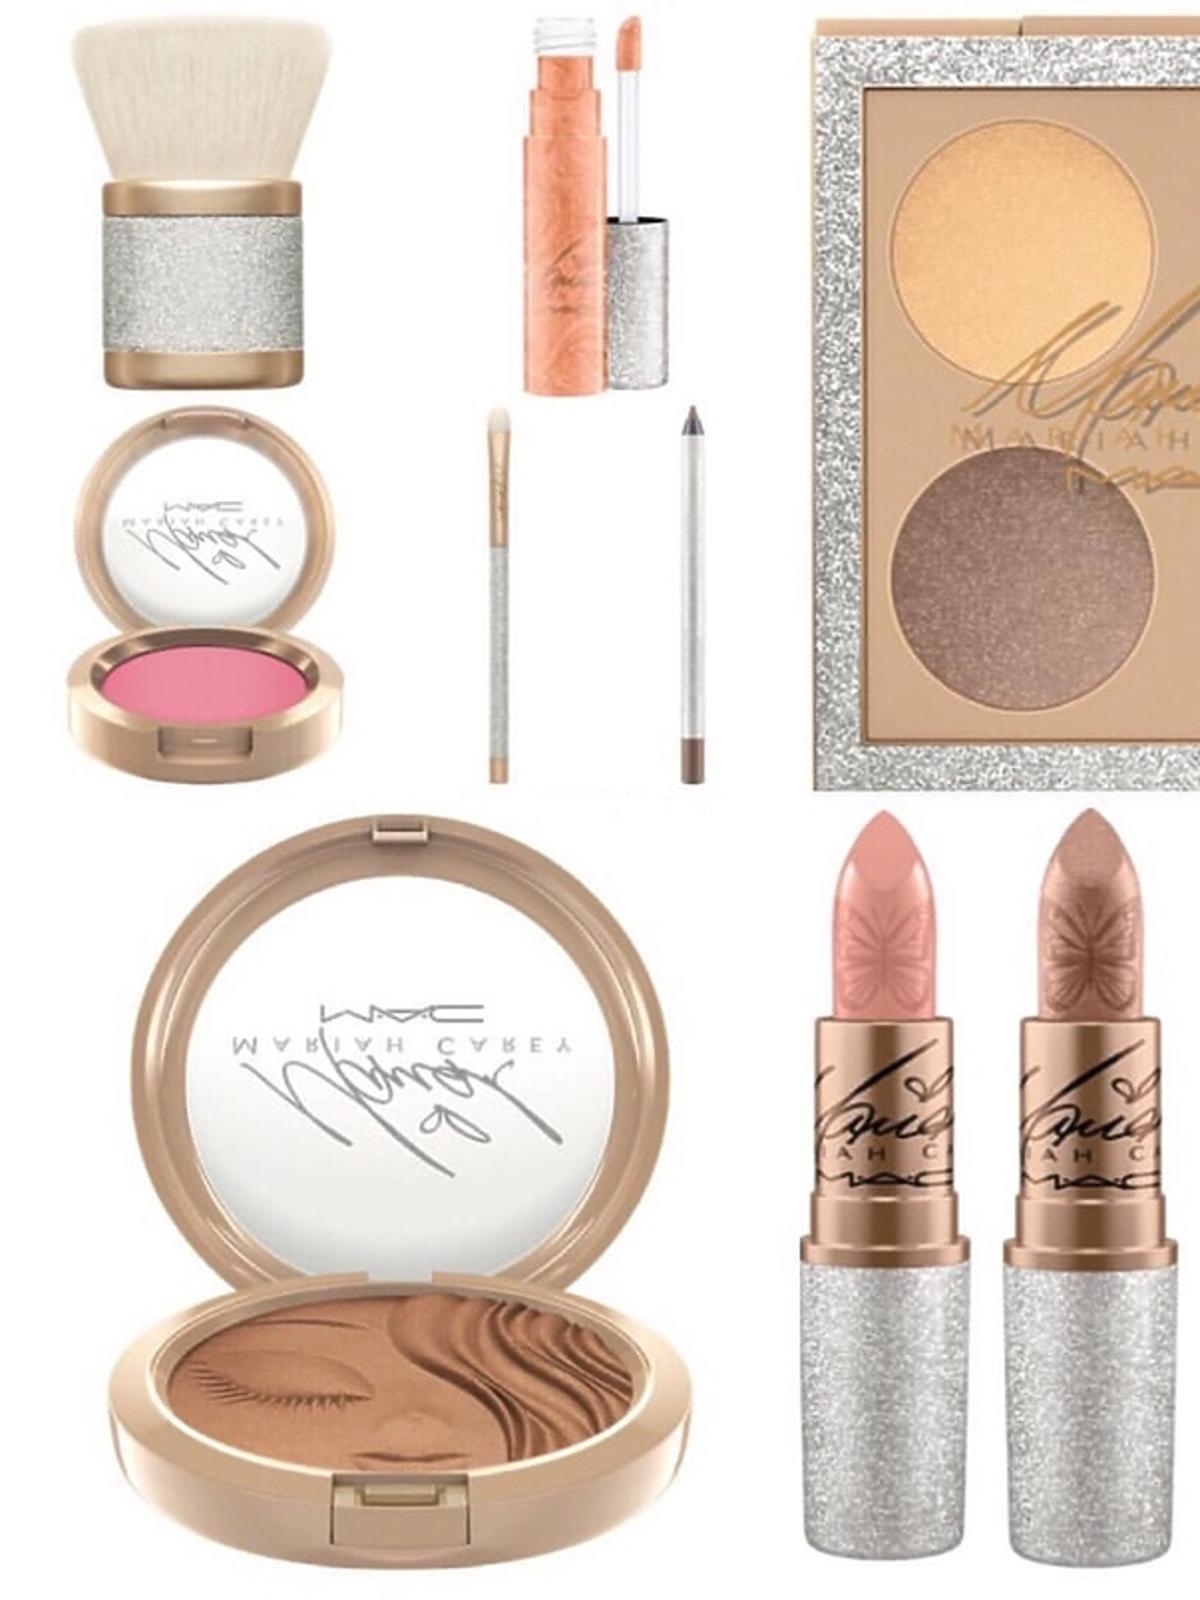 Kosmetyki Mariah Carey dla MAC: szminki, paleta cieni, bronzer